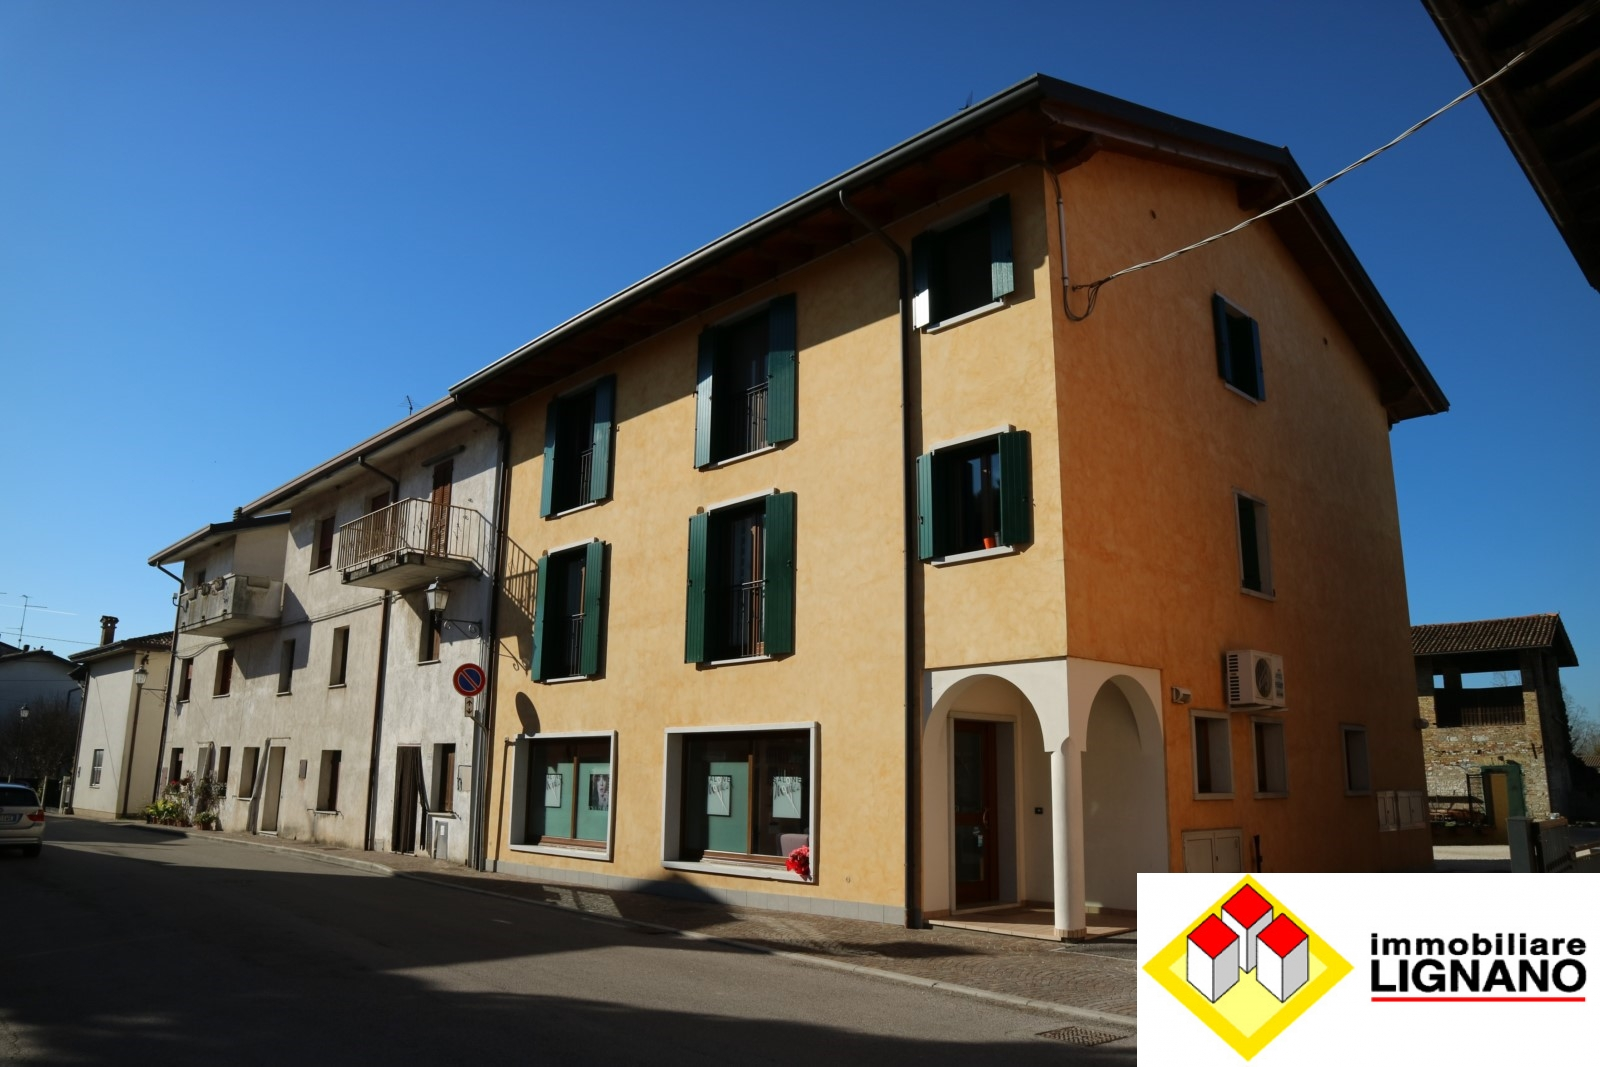 Appartamento in vendita a Precenicco, 3 locali, prezzo € 65.000 | Cambio Casa.it